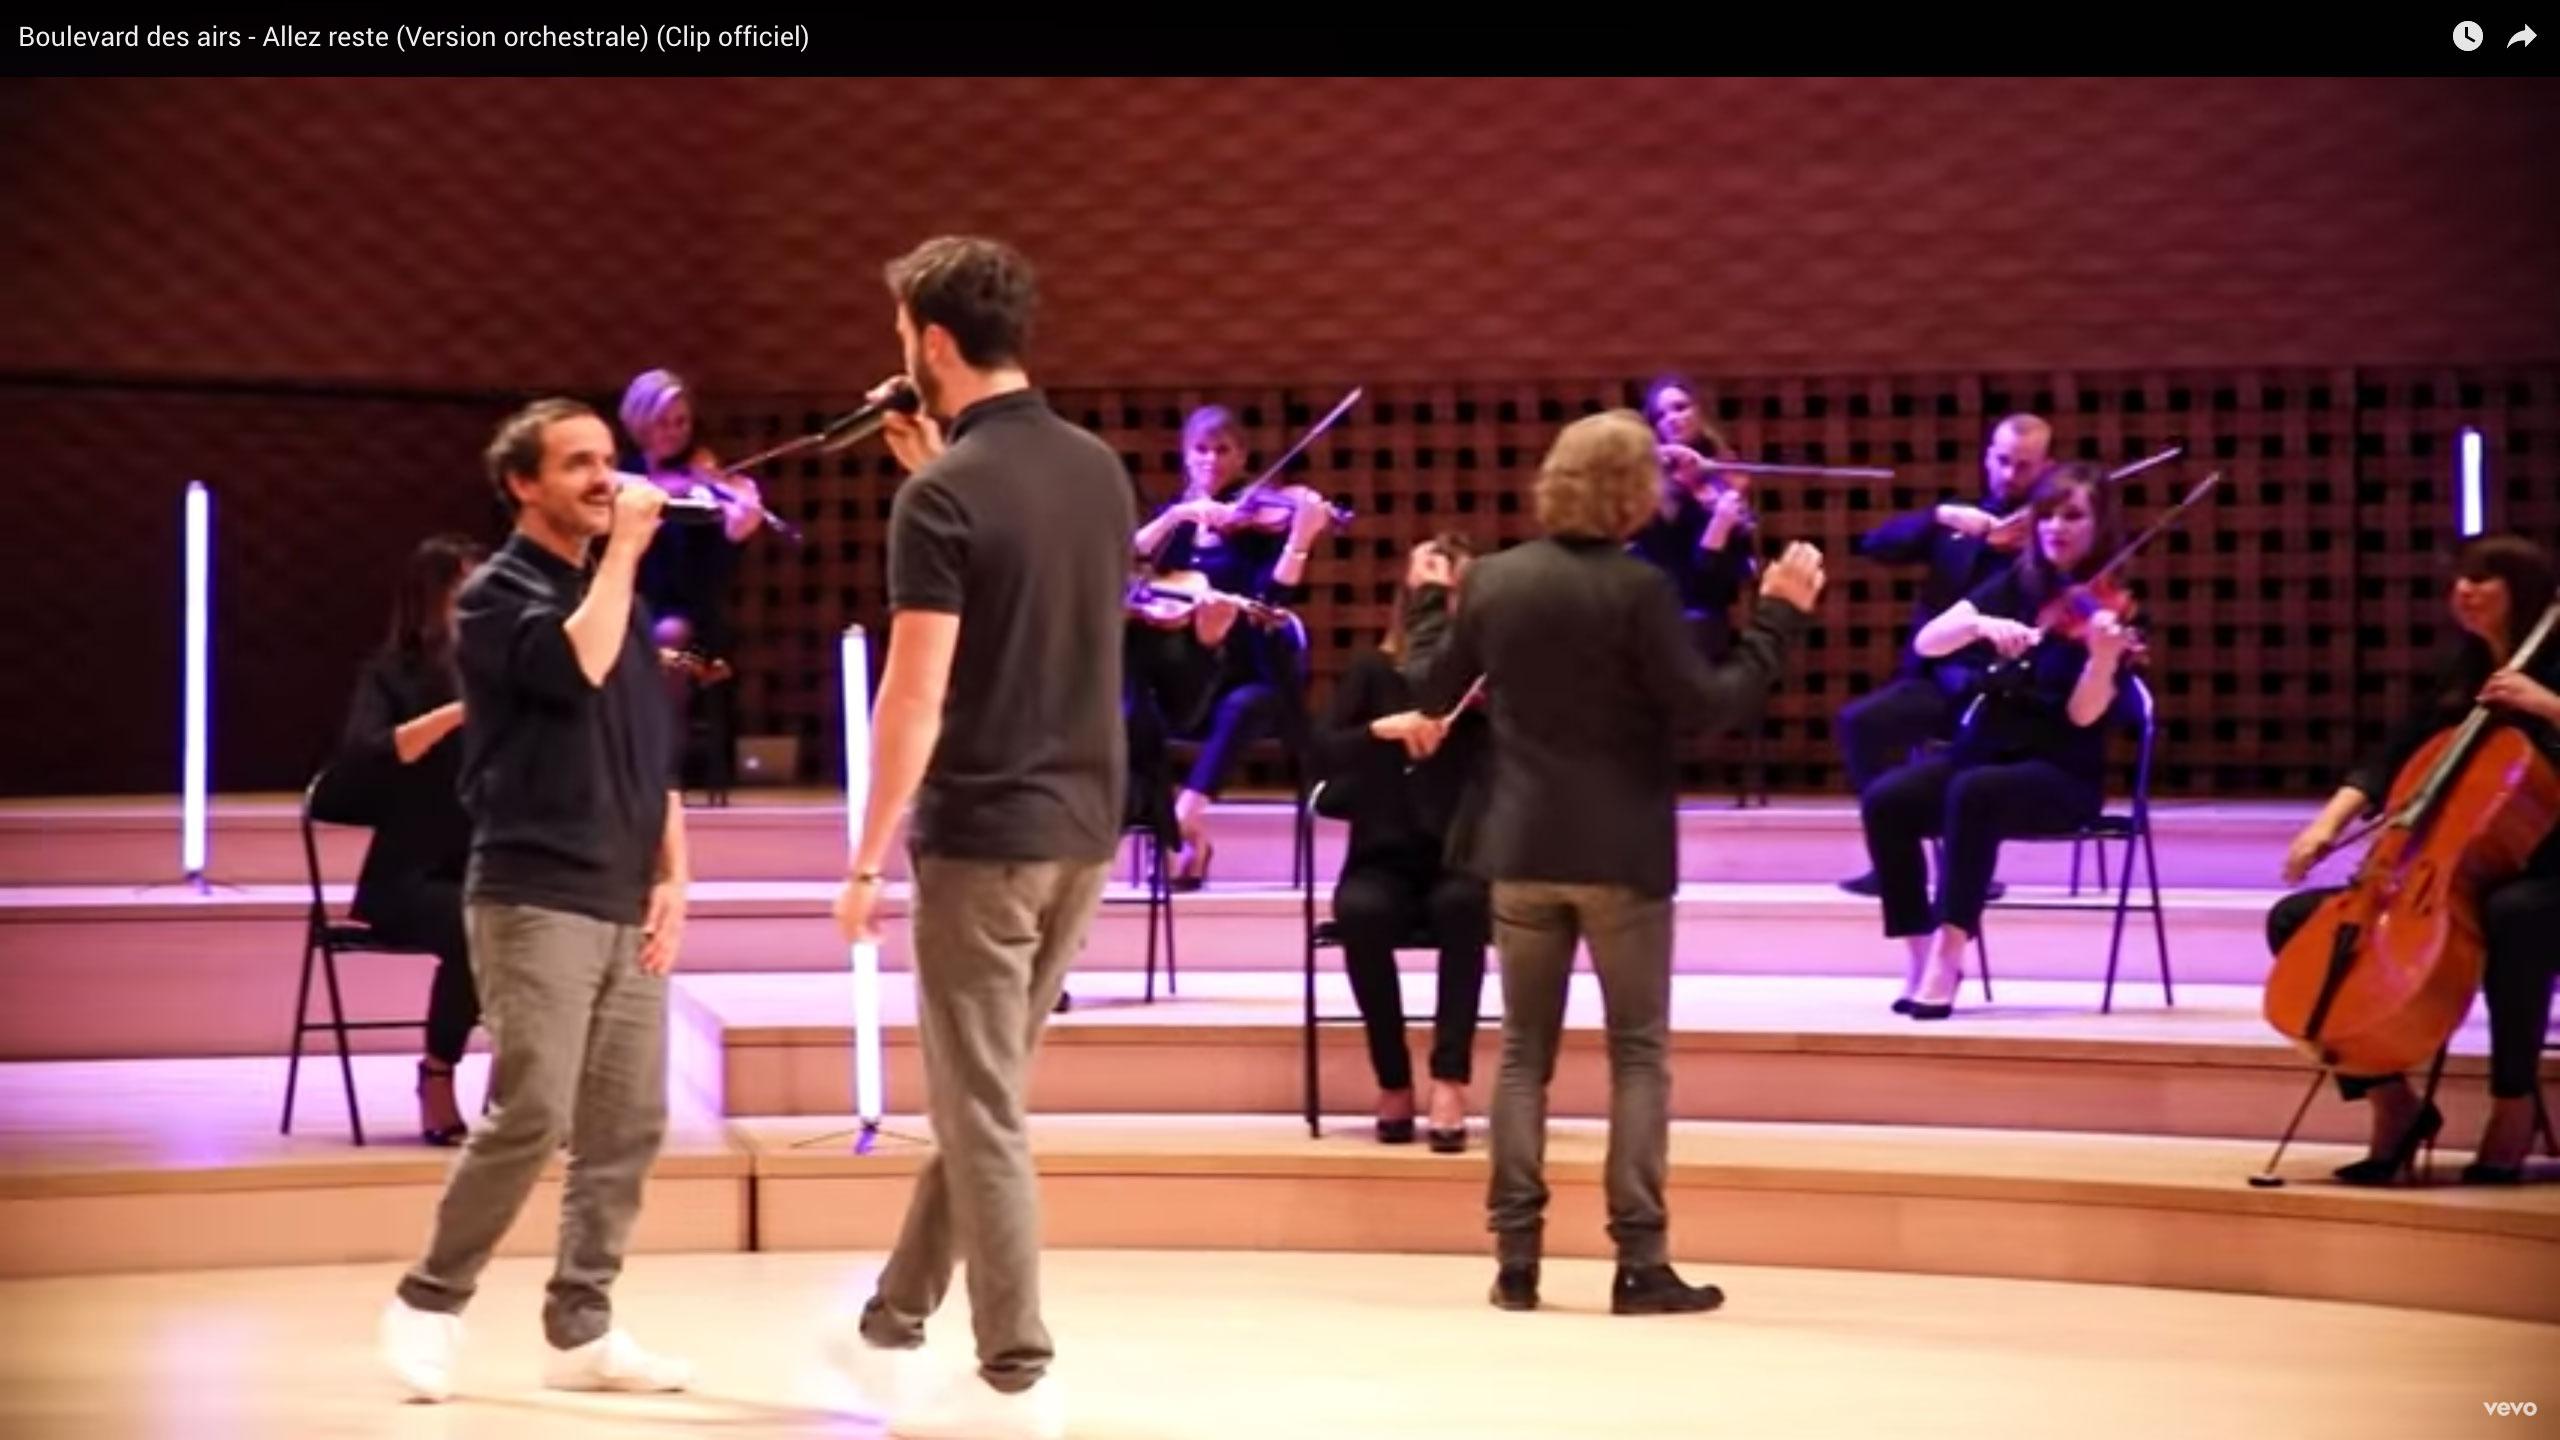 h Allez reste Version orchestrale Paul Rouger Images Benoit Mallory Boulevard des Airs